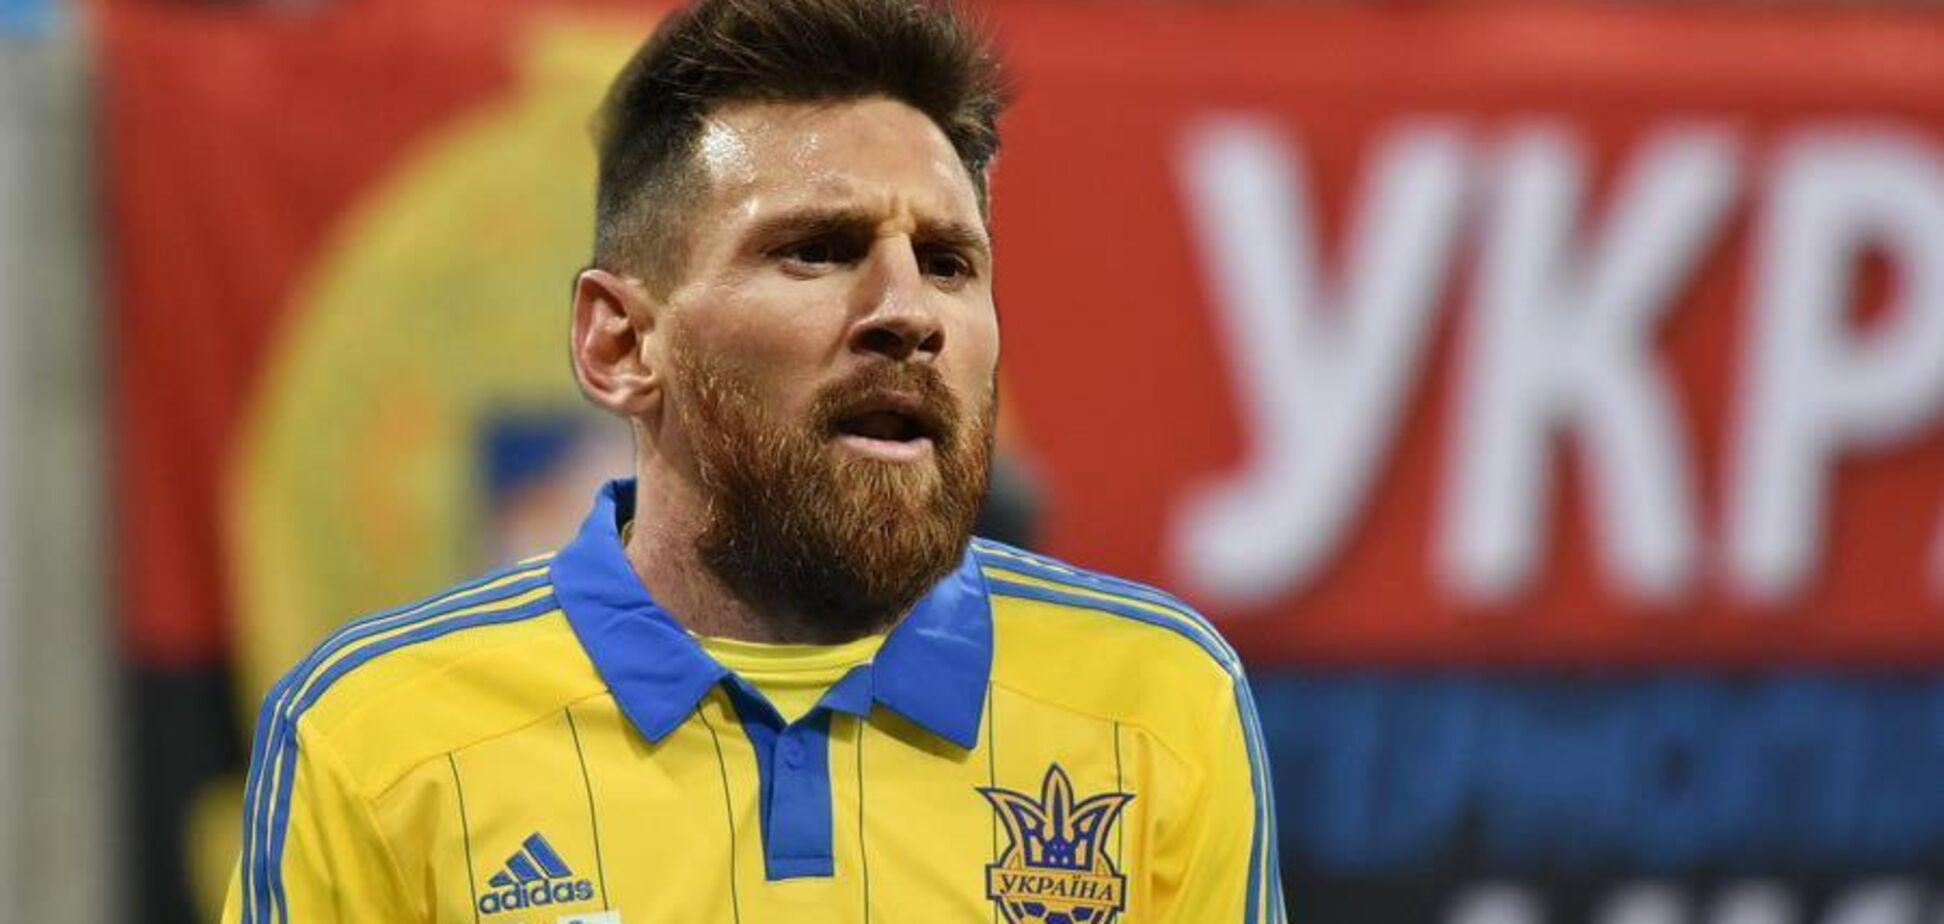 Відомому аргентинському футболістові запропонували виступати за збірну України